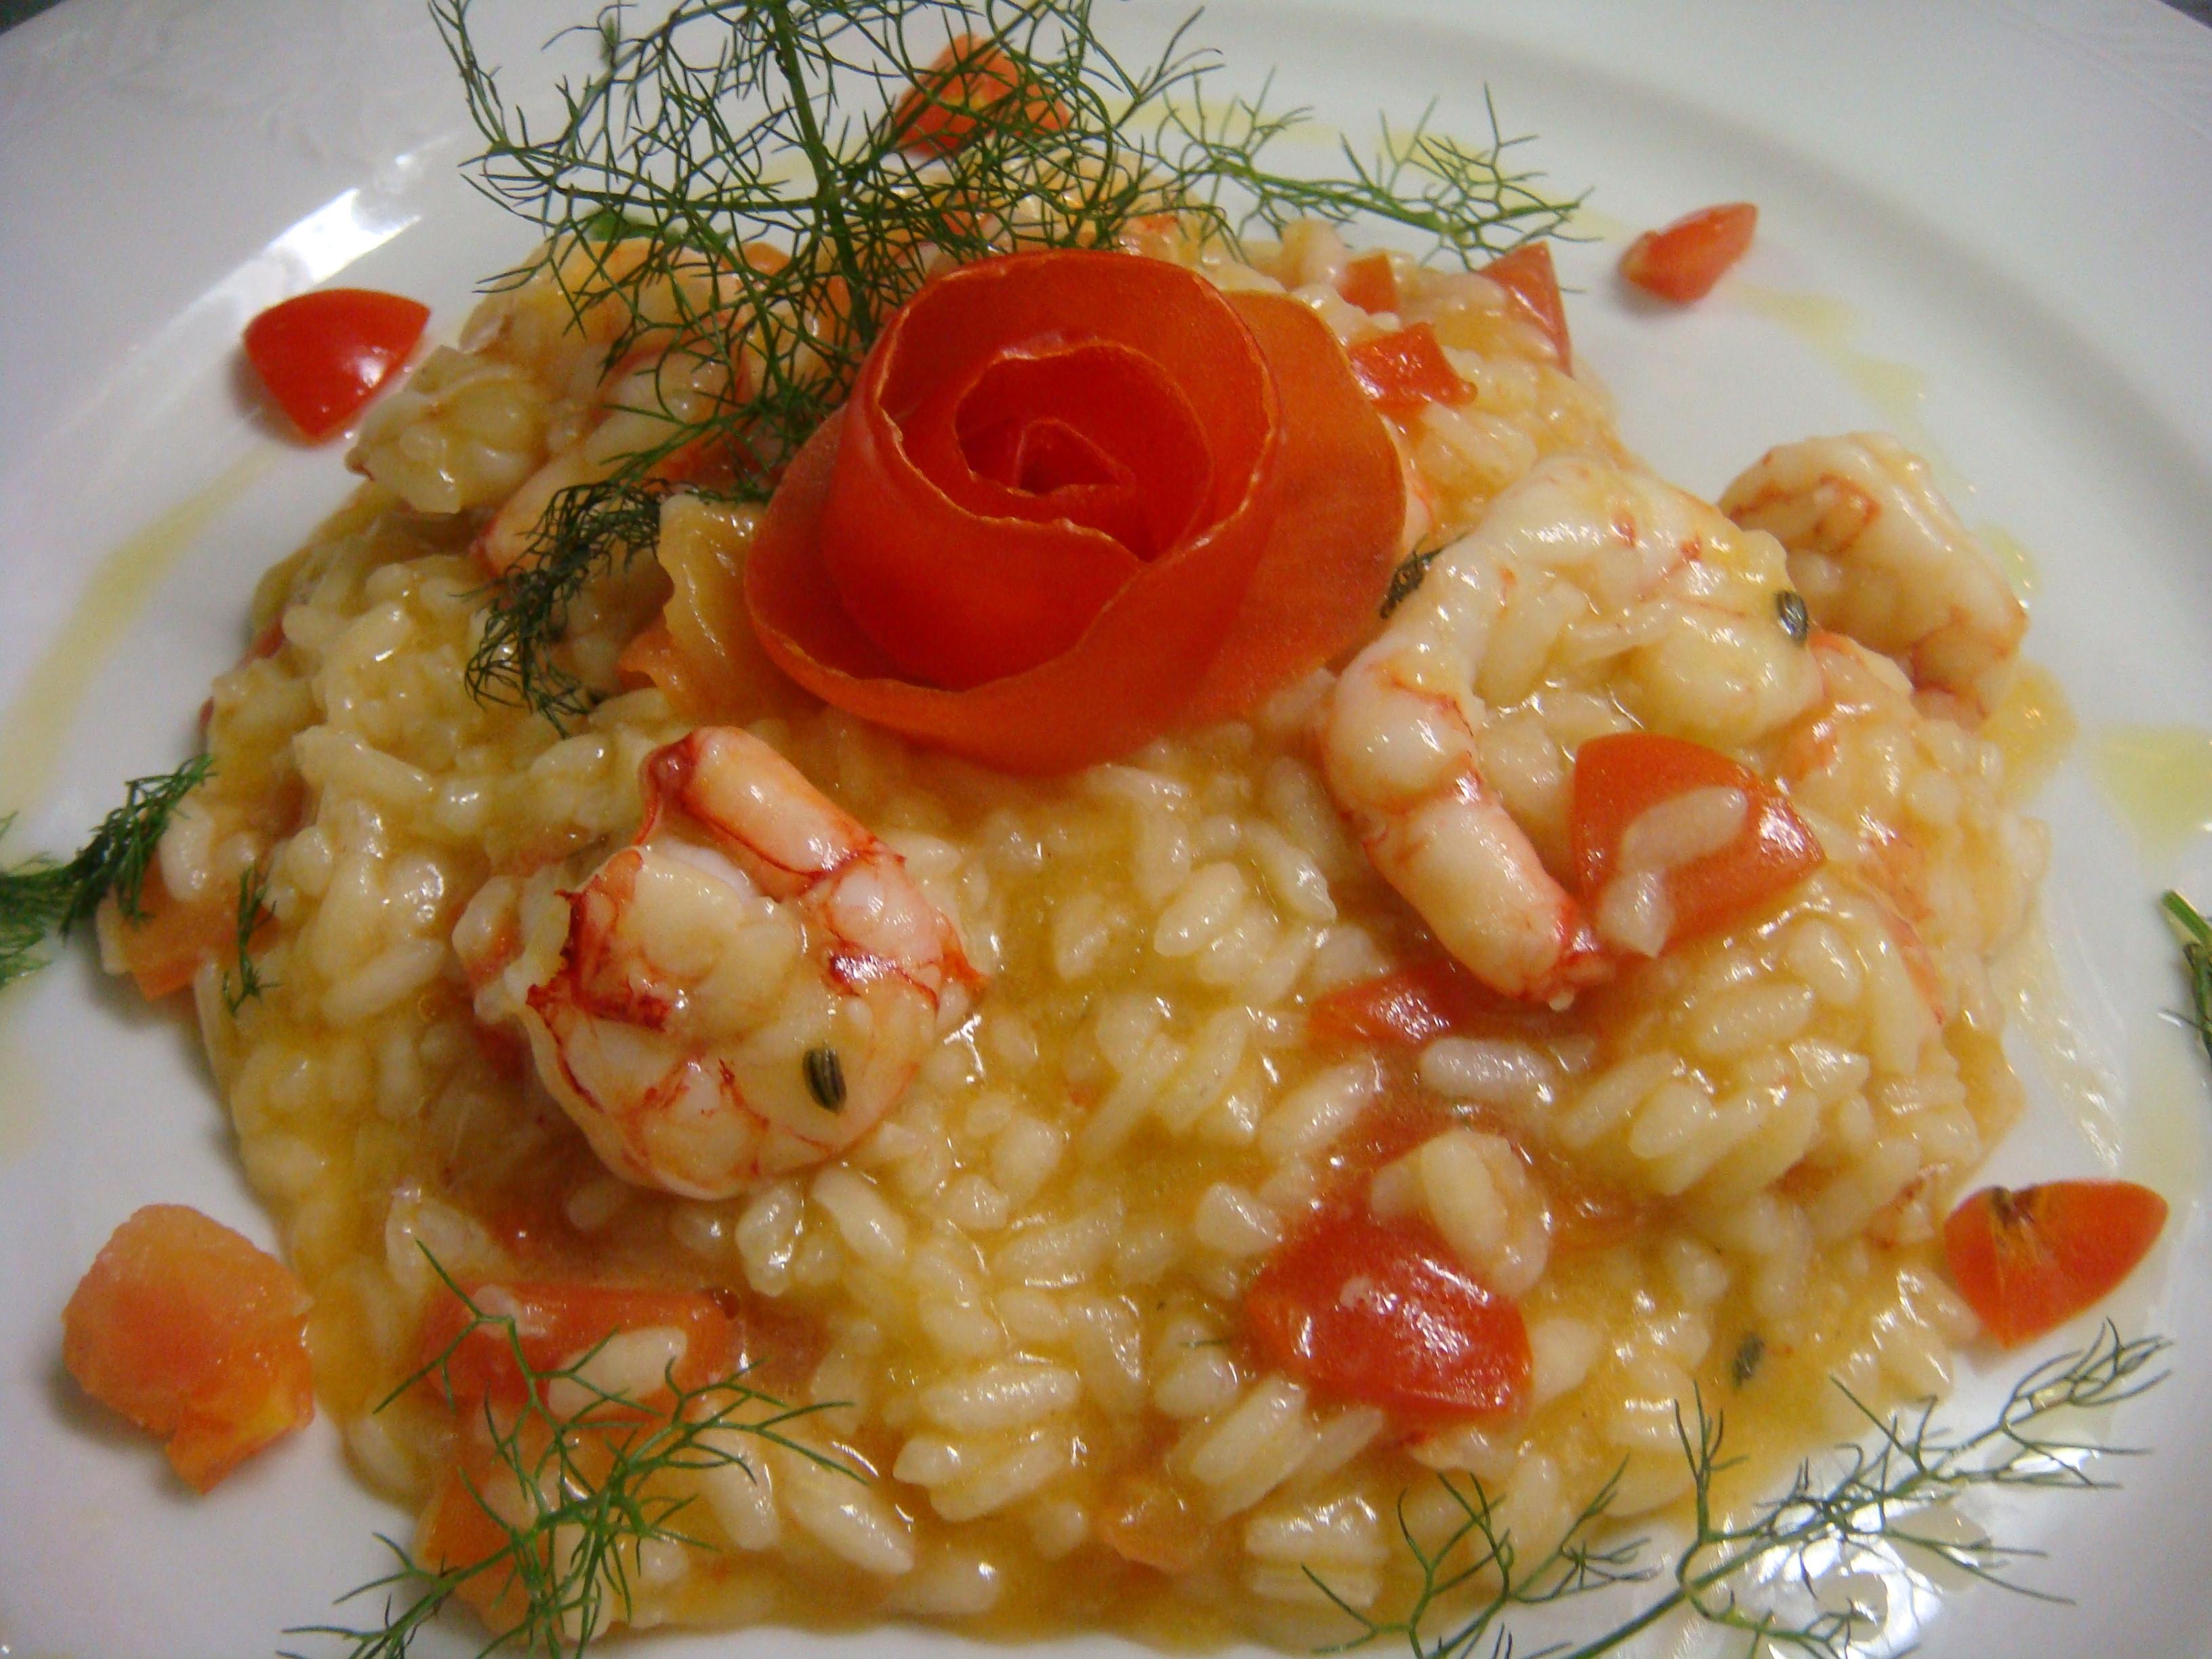 ristorante da giulia - cucina pugliese e siciliana - ristoranti ... - La Cucina Pugliese